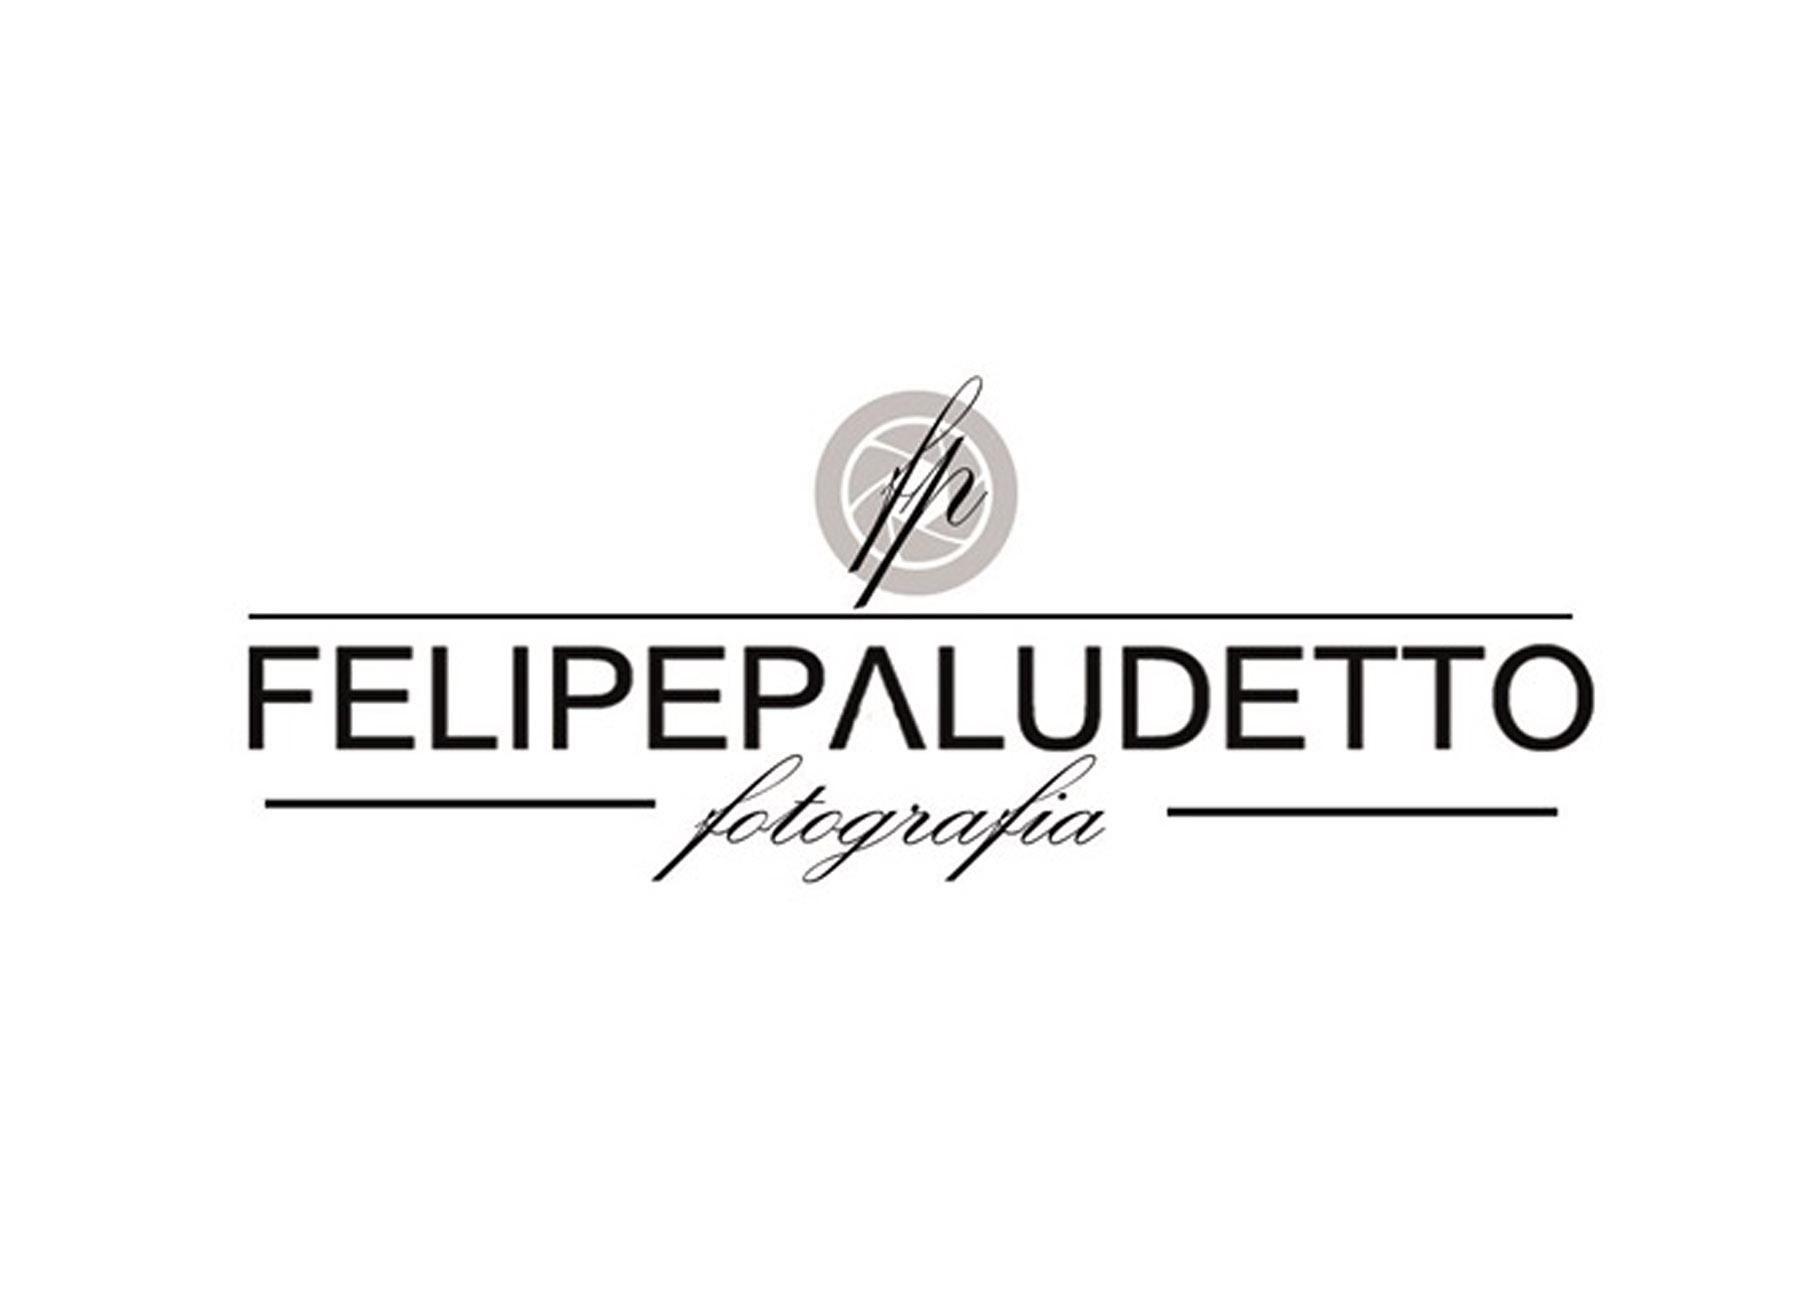 Logotipo de Felipe Paludetto